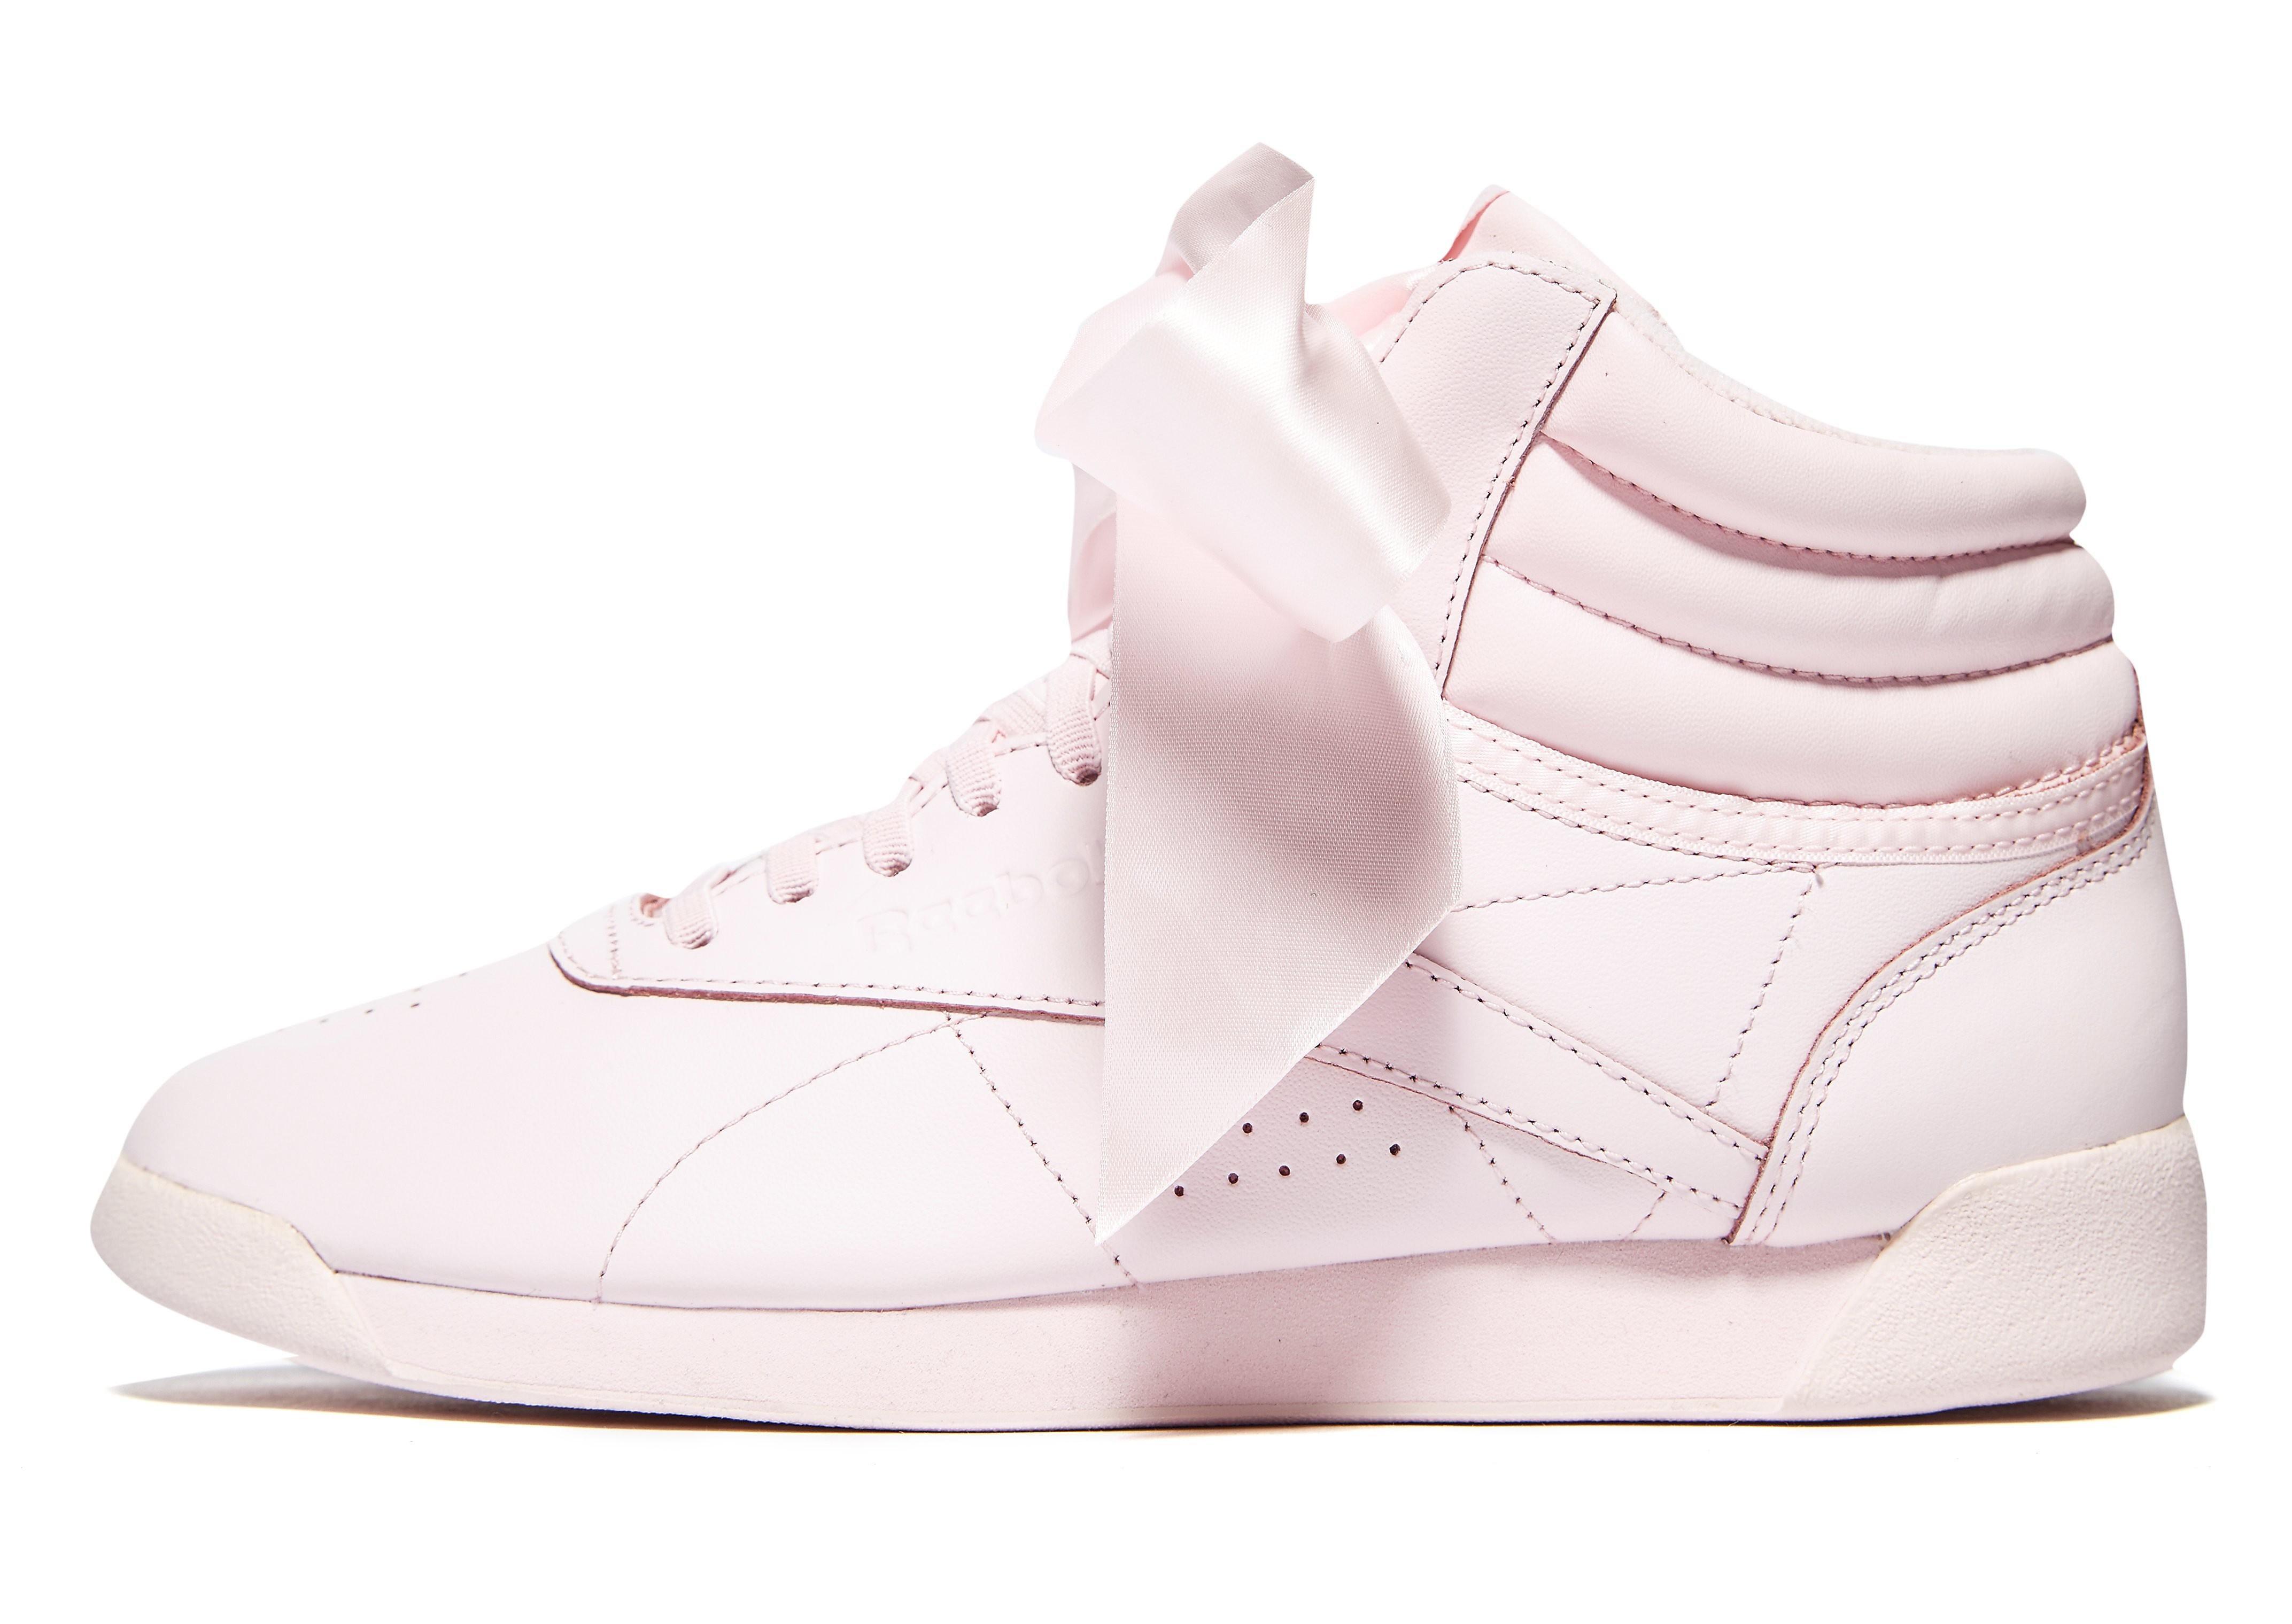 Reebok Freestyle Hi Satin Bow, Zapatillas Altas para Niñas, Blanco (White/Skull Grey), 32.5 EU